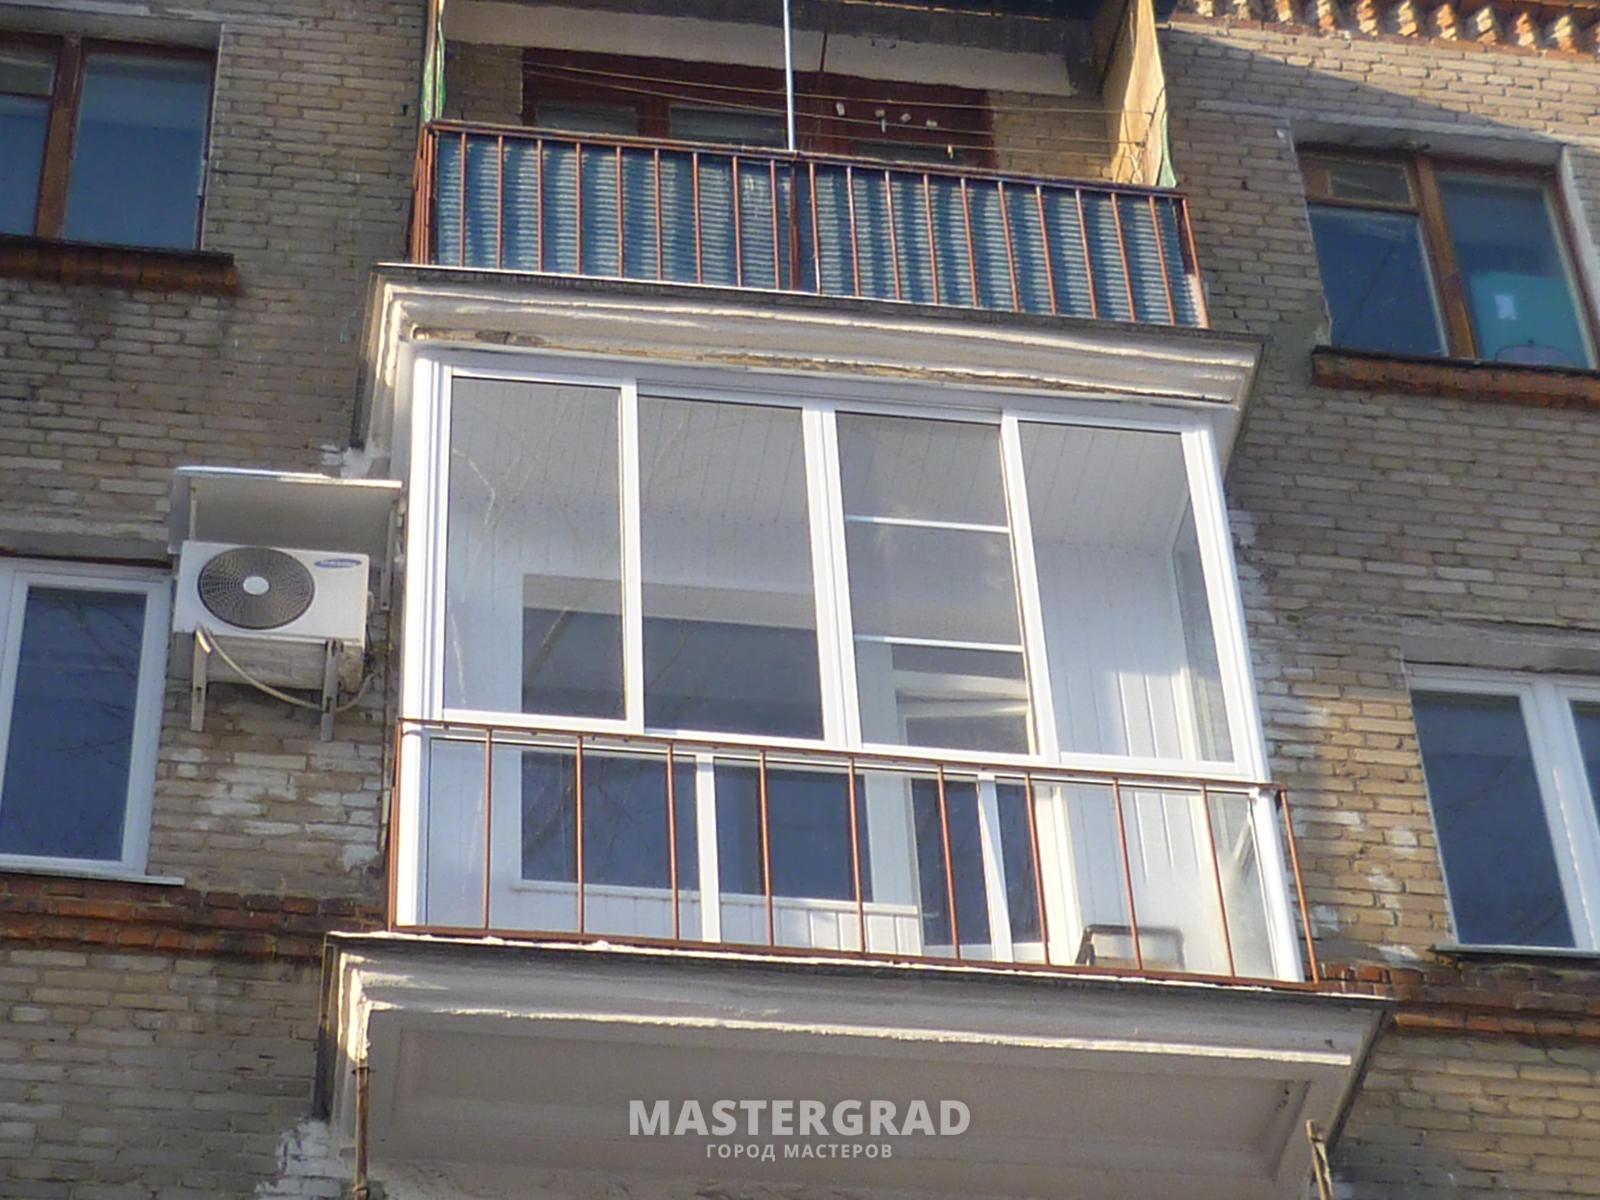 Лоджии/балконы элитный ремонт, стройка дома, квартиры, котте.